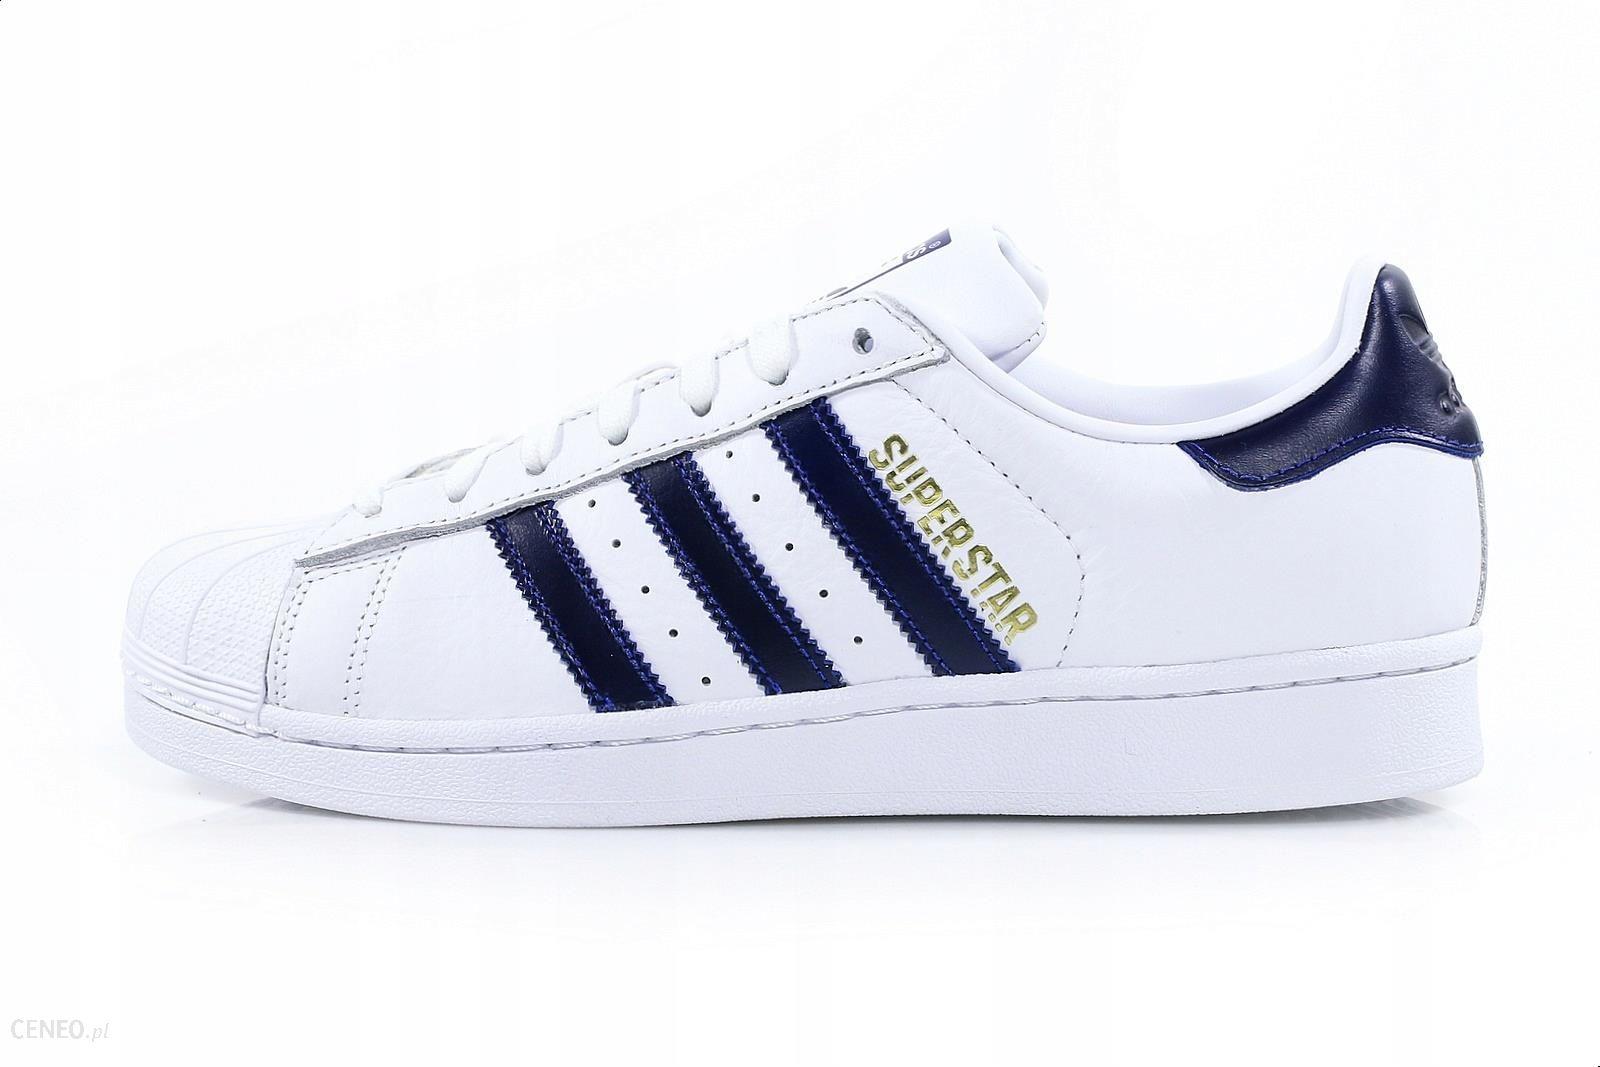 Adidas, Buty męskie, Superstar, rozmiar 42 Ceny i opinie Ceneo.pl